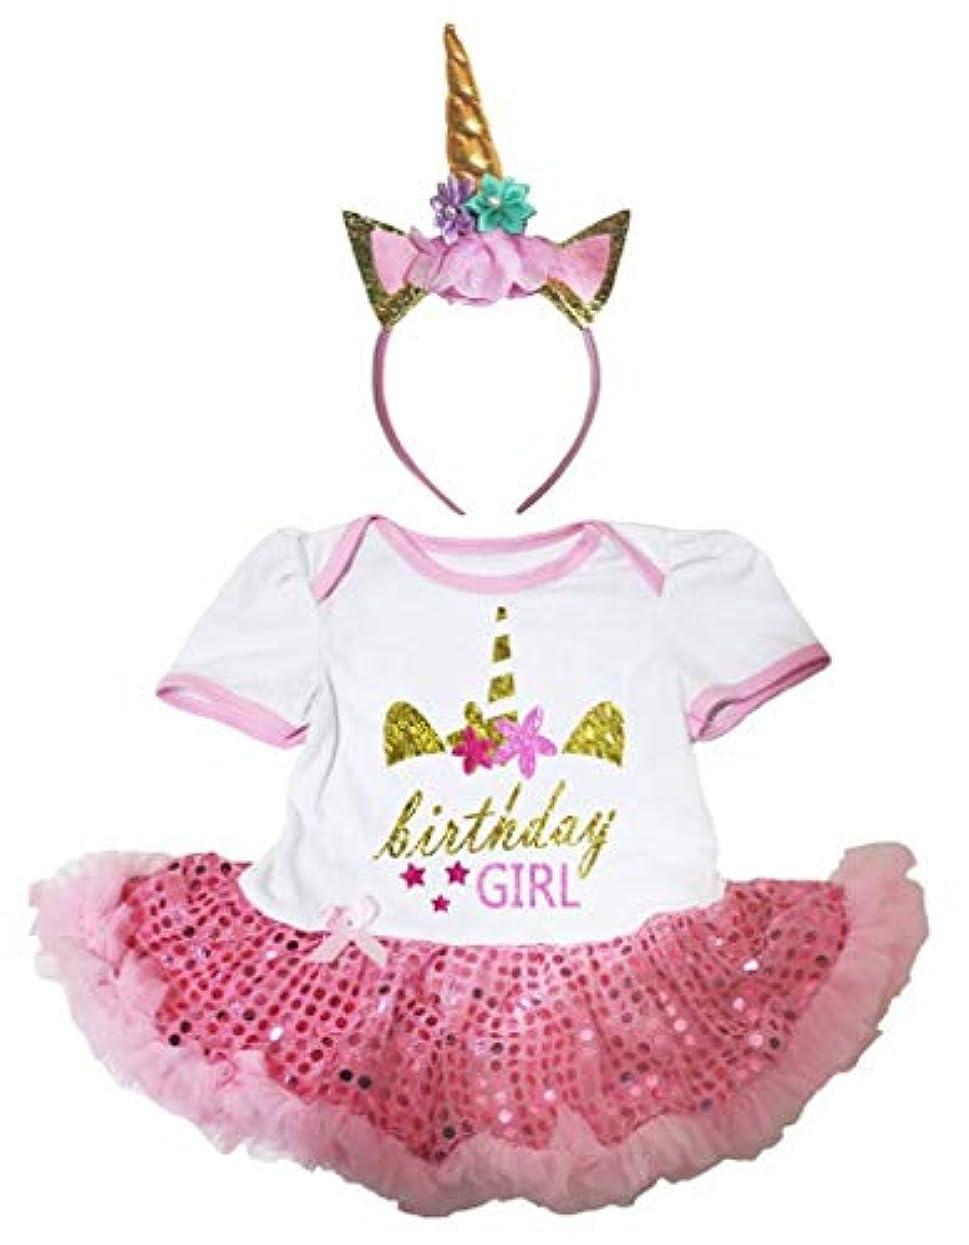 コロニー把握うがい薬[キッズコーナー] Unicon Birthday ユニコーン 誕生日 ホワイト ボディスーツ ピンクのスパンコール 子供のチュチ、コスチューム、子供のチュチュ、ベビー服、女の子のワンピースドレス Nb-18m (ホワイト, Medium) [並行輸入品]